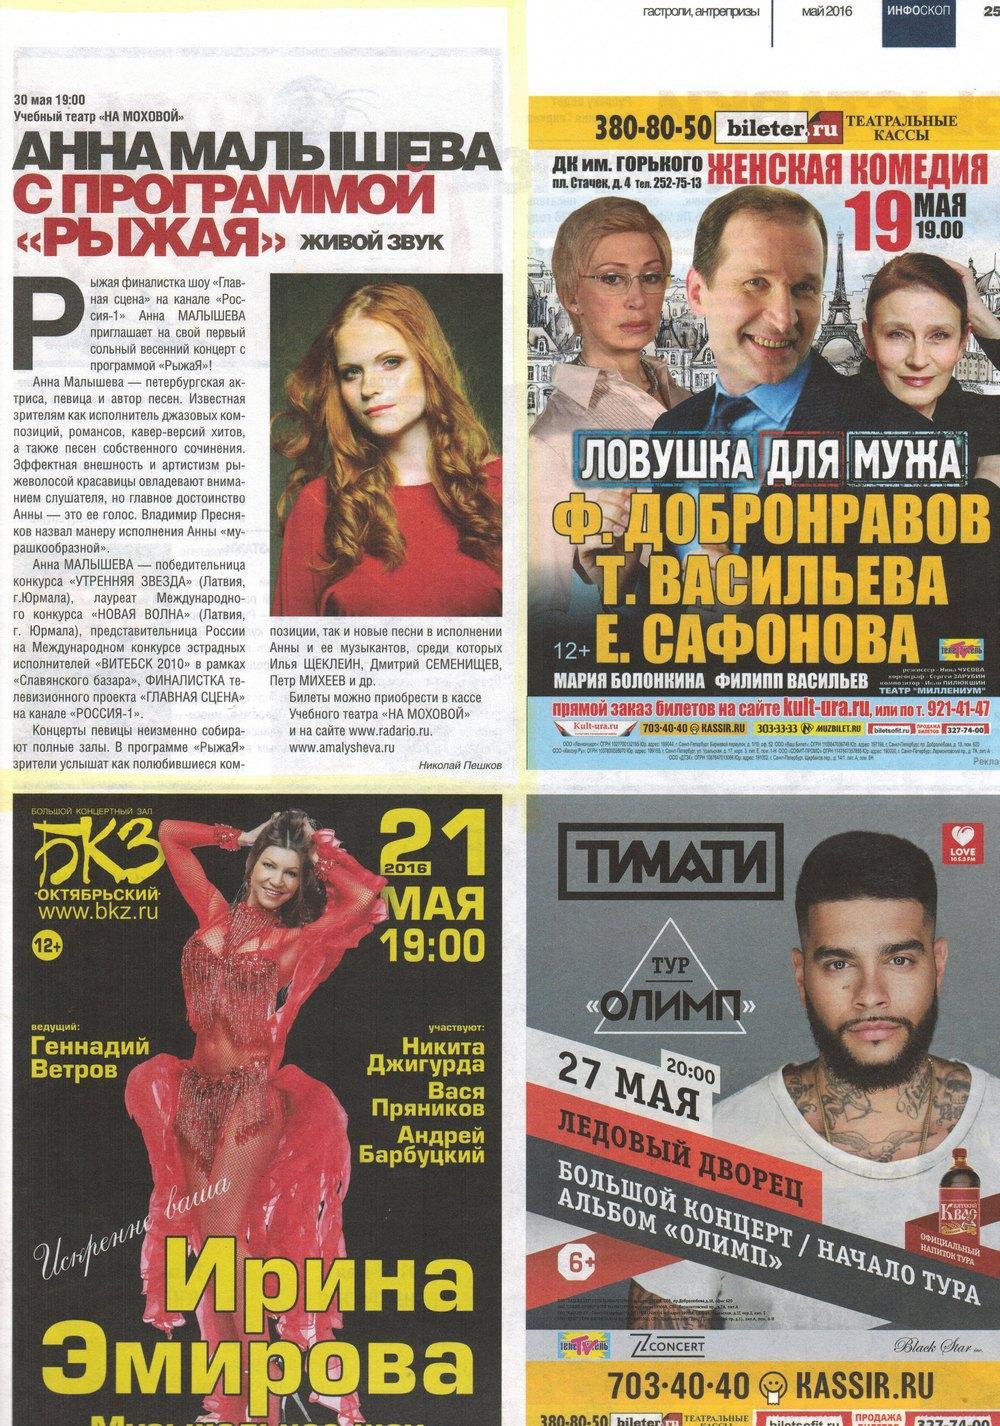 Press_Infoskop_1605